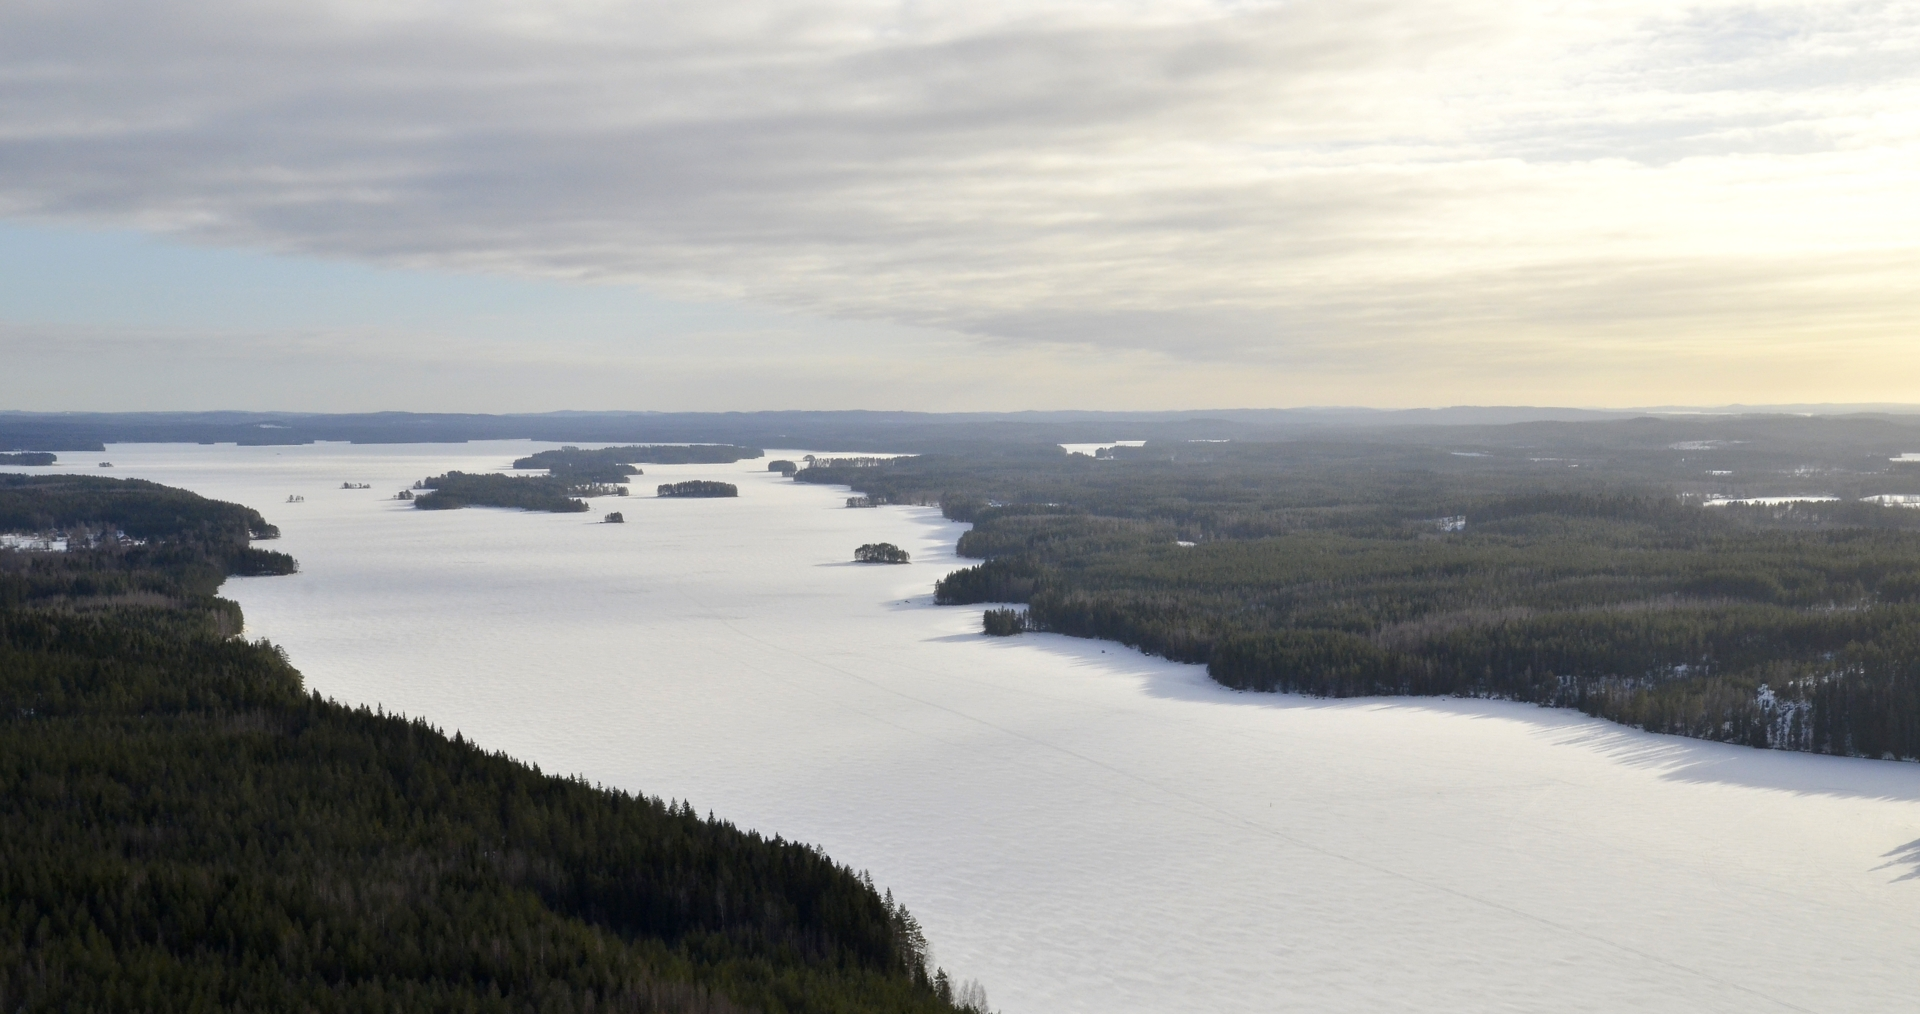 Pilviharso väistyy itään, tuonne vasemmalle. Siinä näkyy järven selkä, jonka 80 vuotta sitten Antti Savela hiihti lumituiskussa. Siitä hän kertoo tuolla kommentointi osiossa